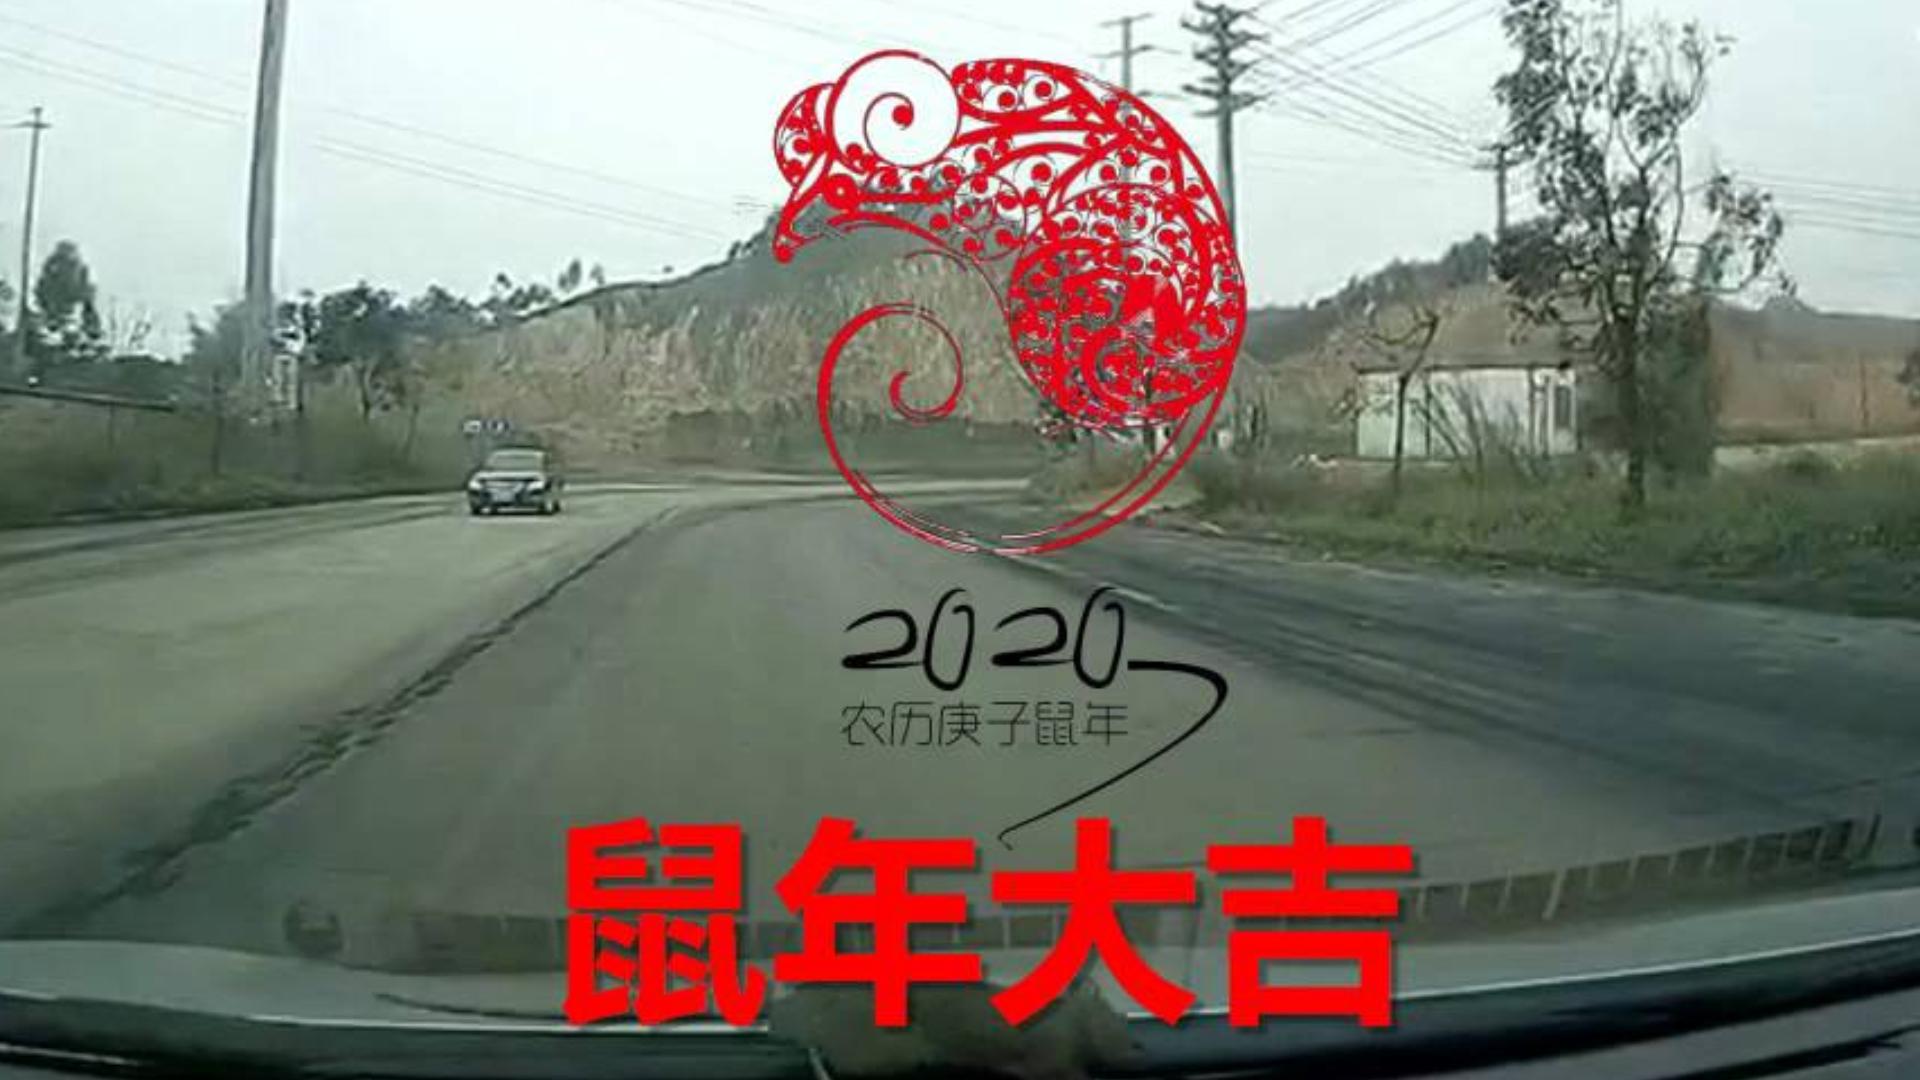 交通事故2020:十二生肖(伪)